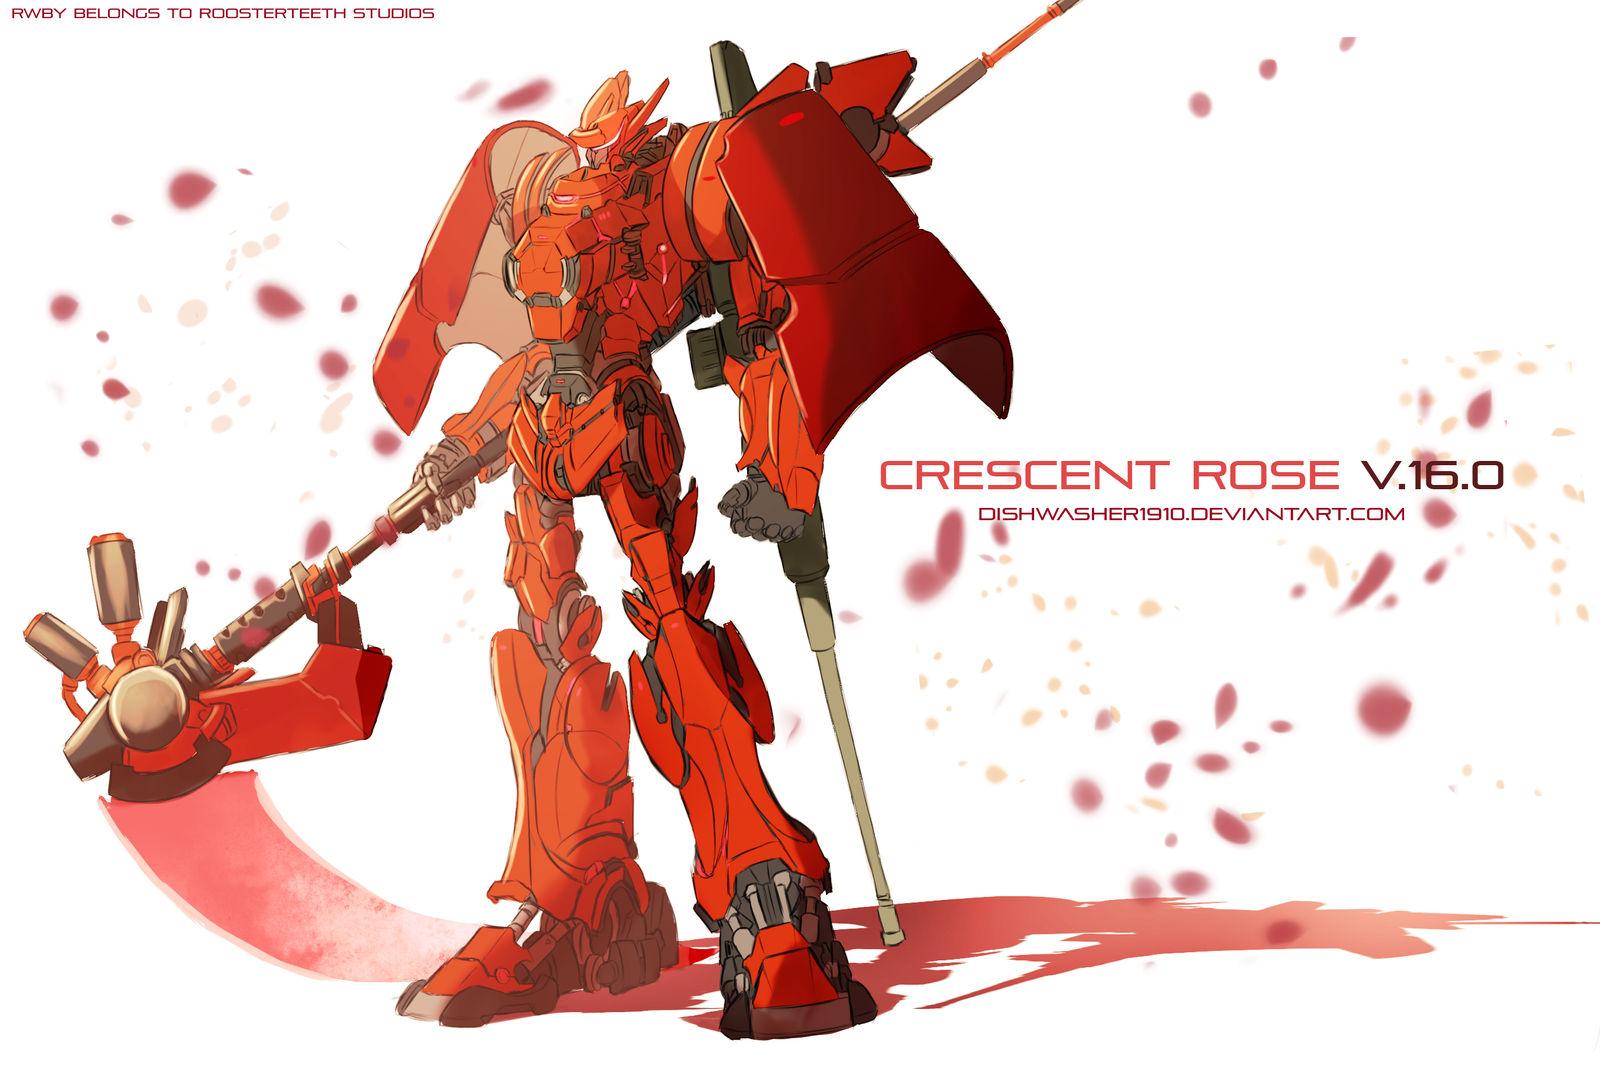 Crescent Rose : V.16.0